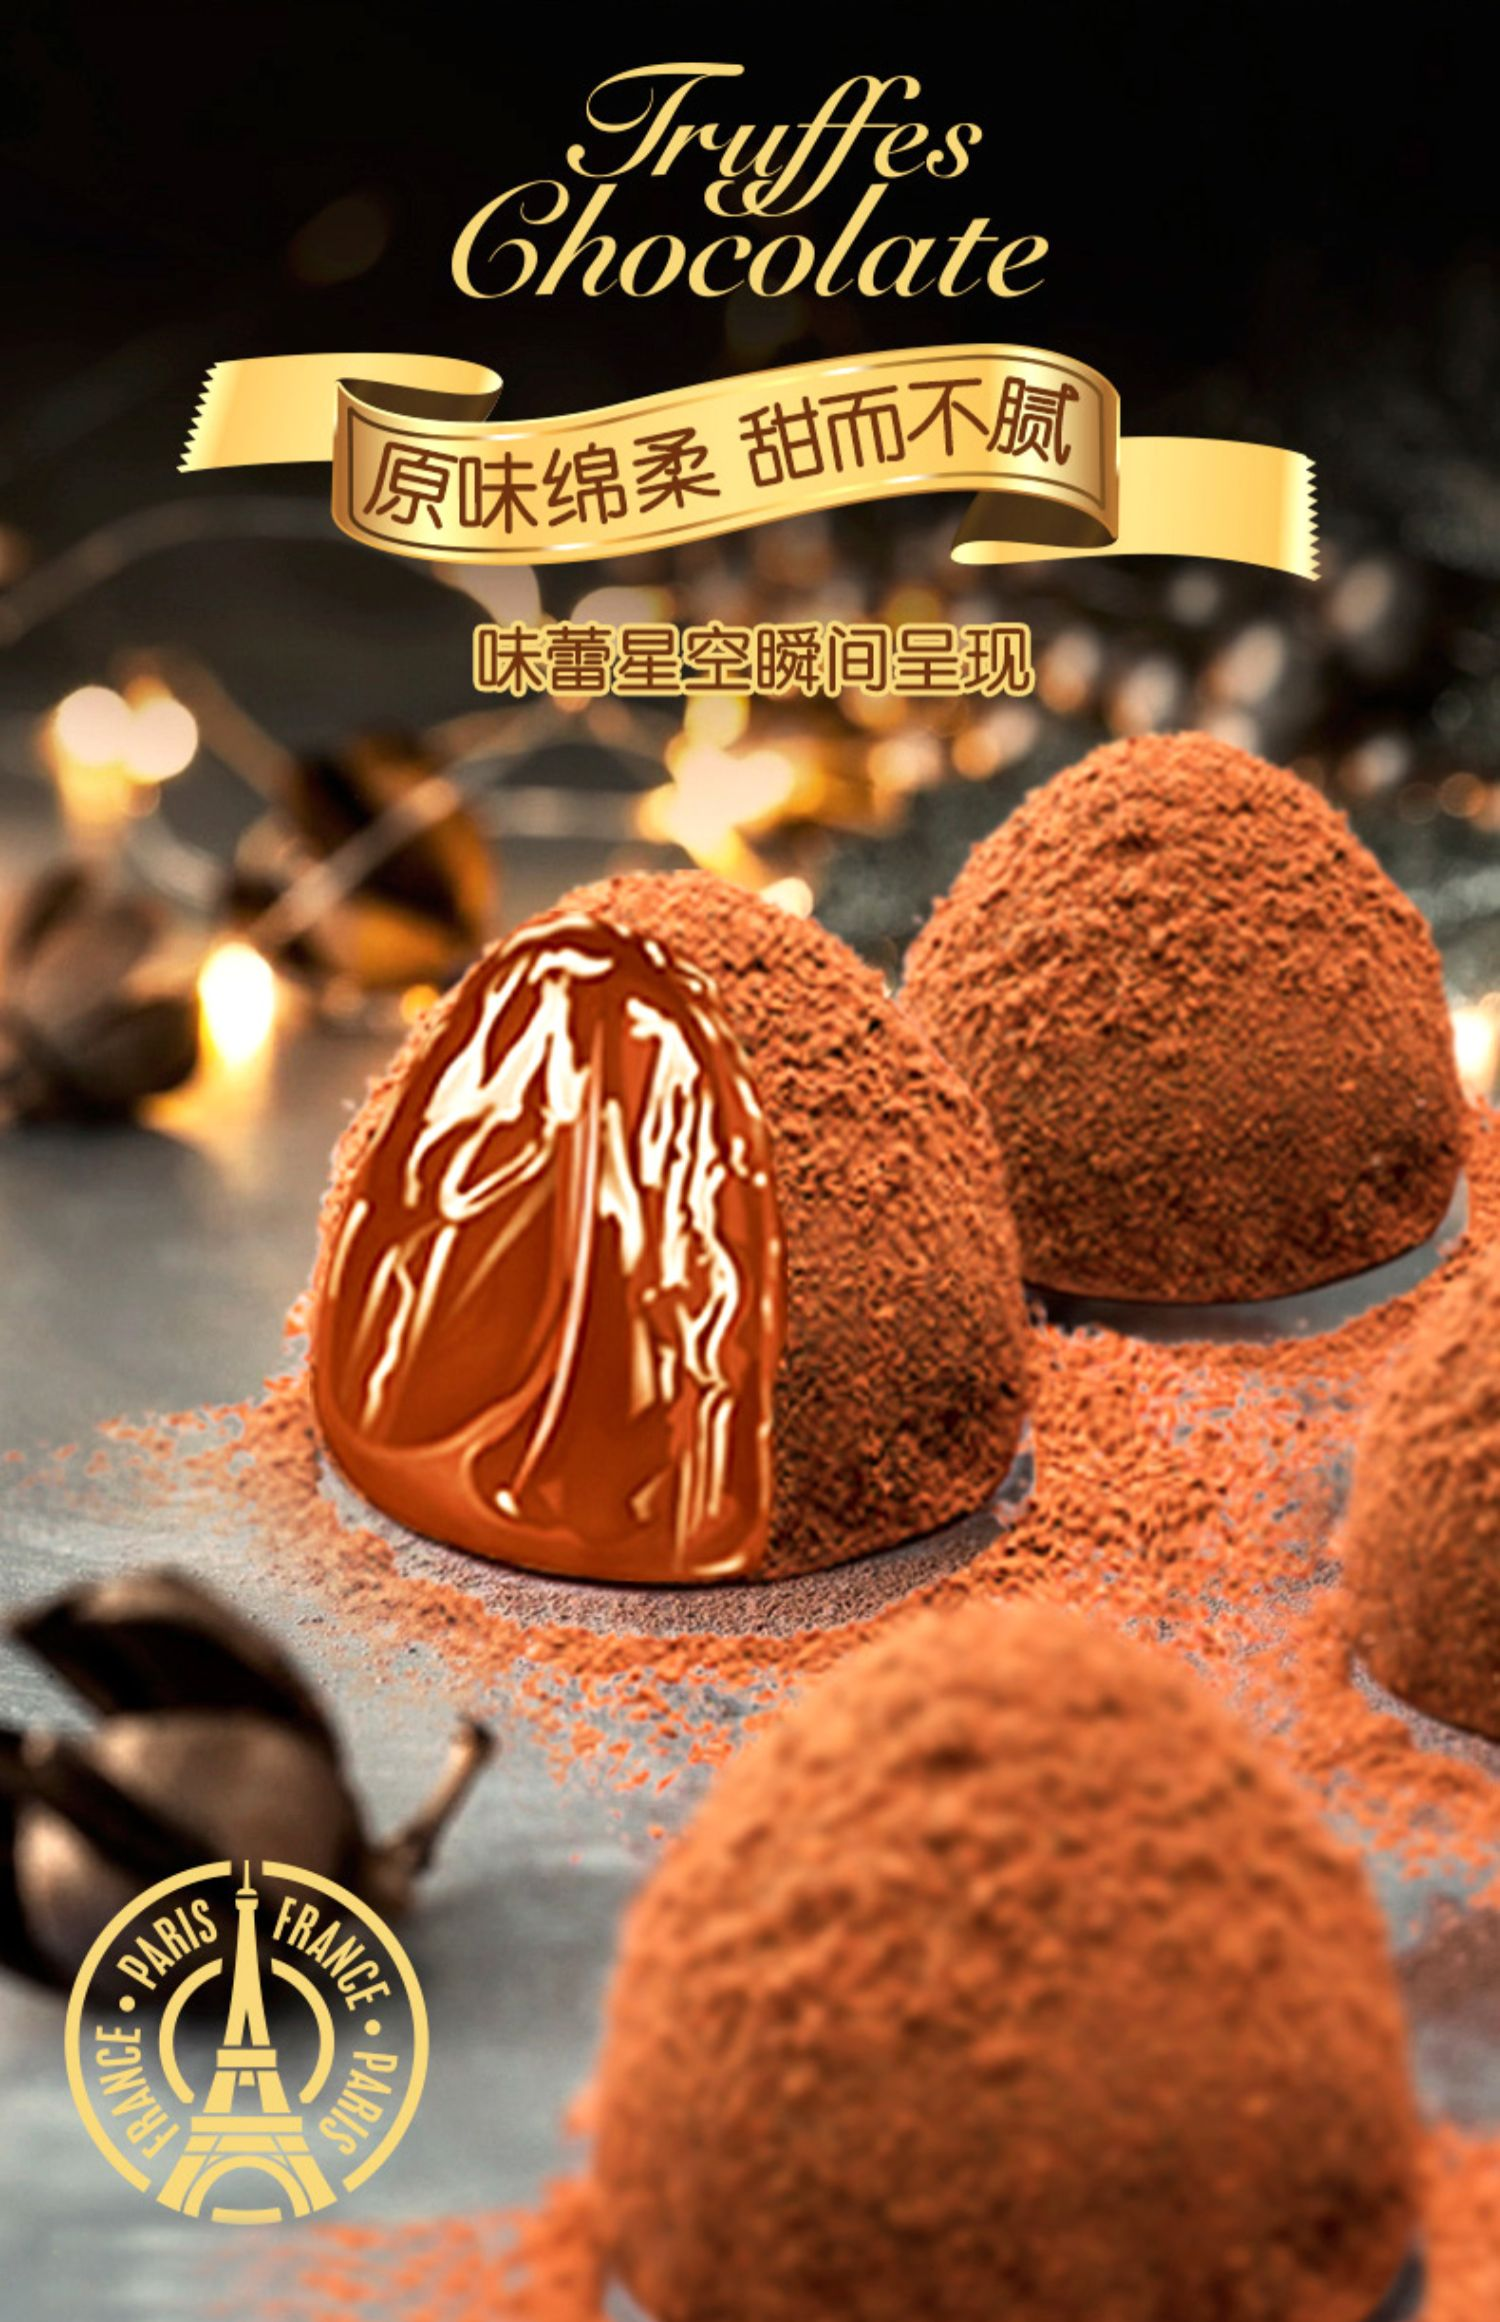 【买一送一】速溶松露黑巧克力